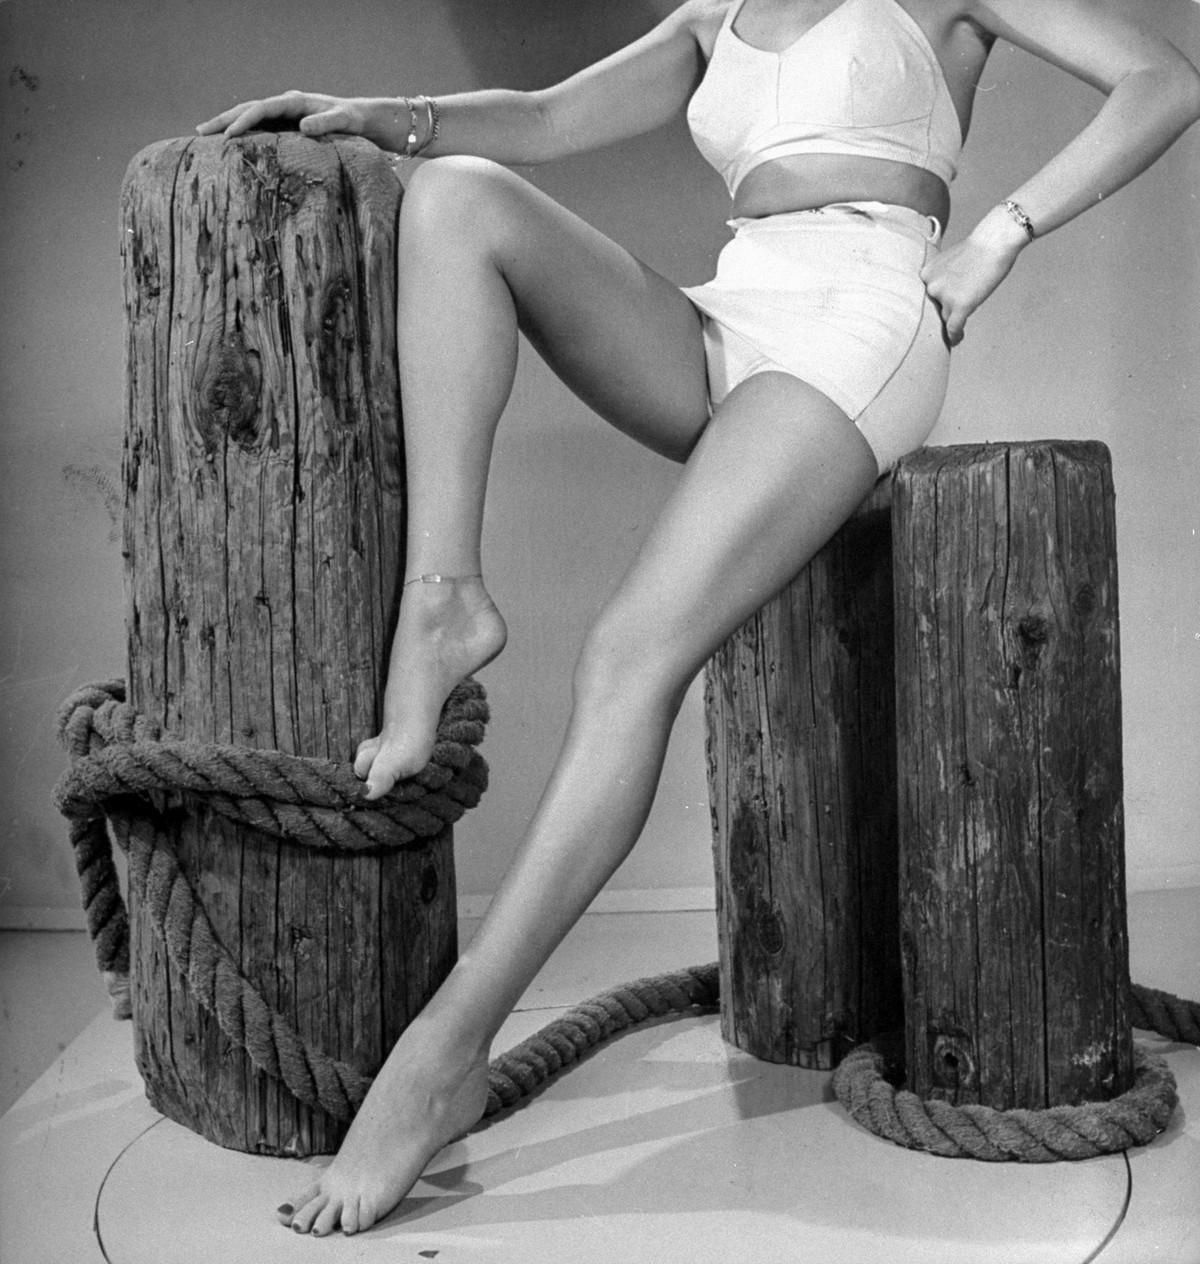 Ноги актрисы Бетти Грейбл, Голливуд, 1943. Уолтер Сандерс